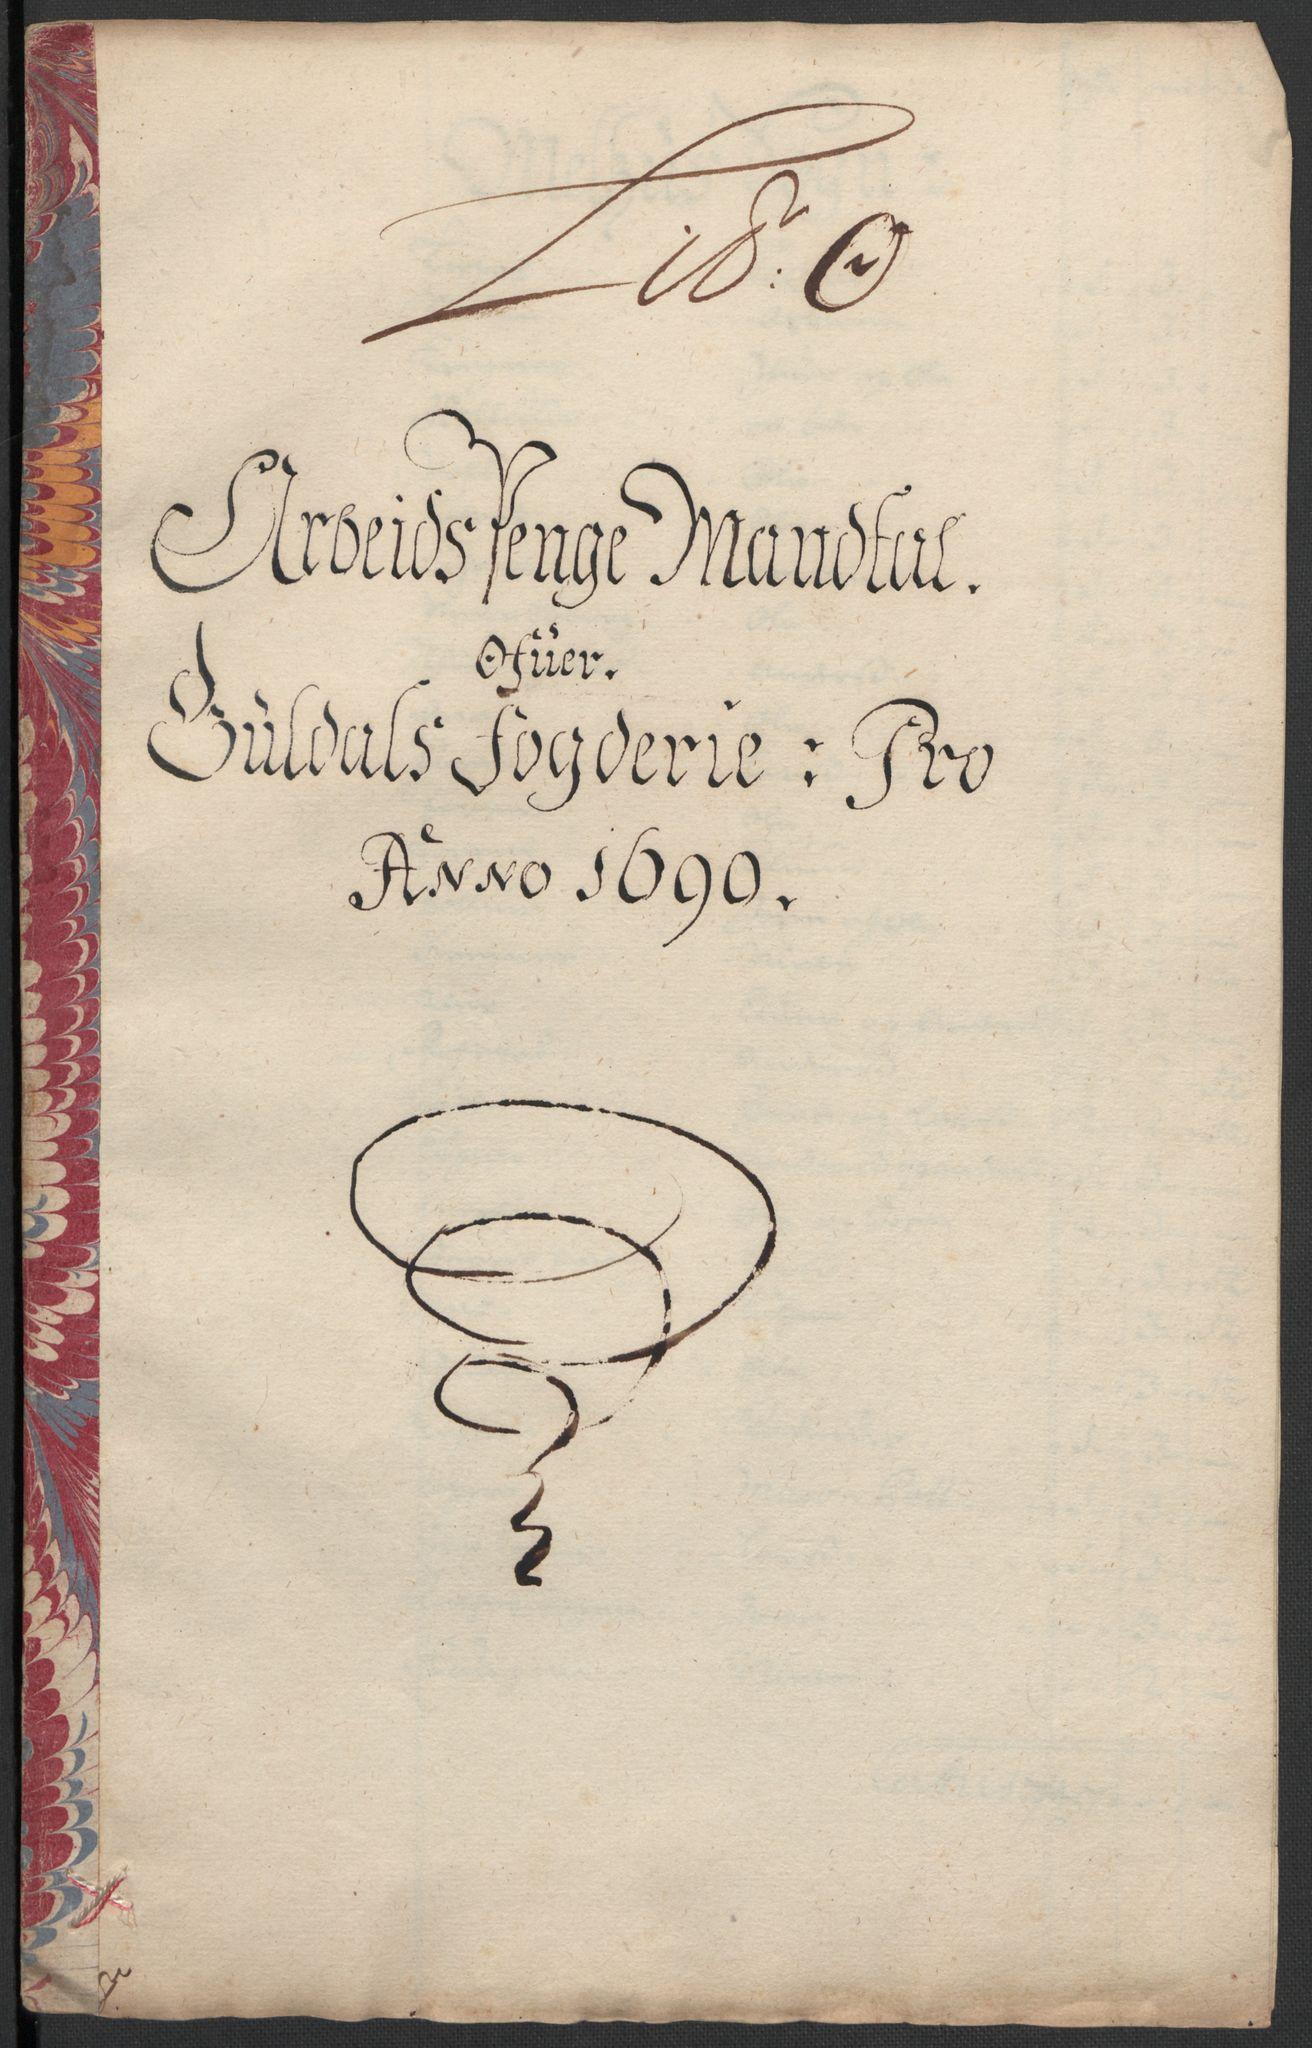 RA, Rentekammeret inntil 1814, Reviderte regnskaper, Fogderegnskap, R59/L3940: Fogderegnskap Gauldal, 1689-1690, s. 351